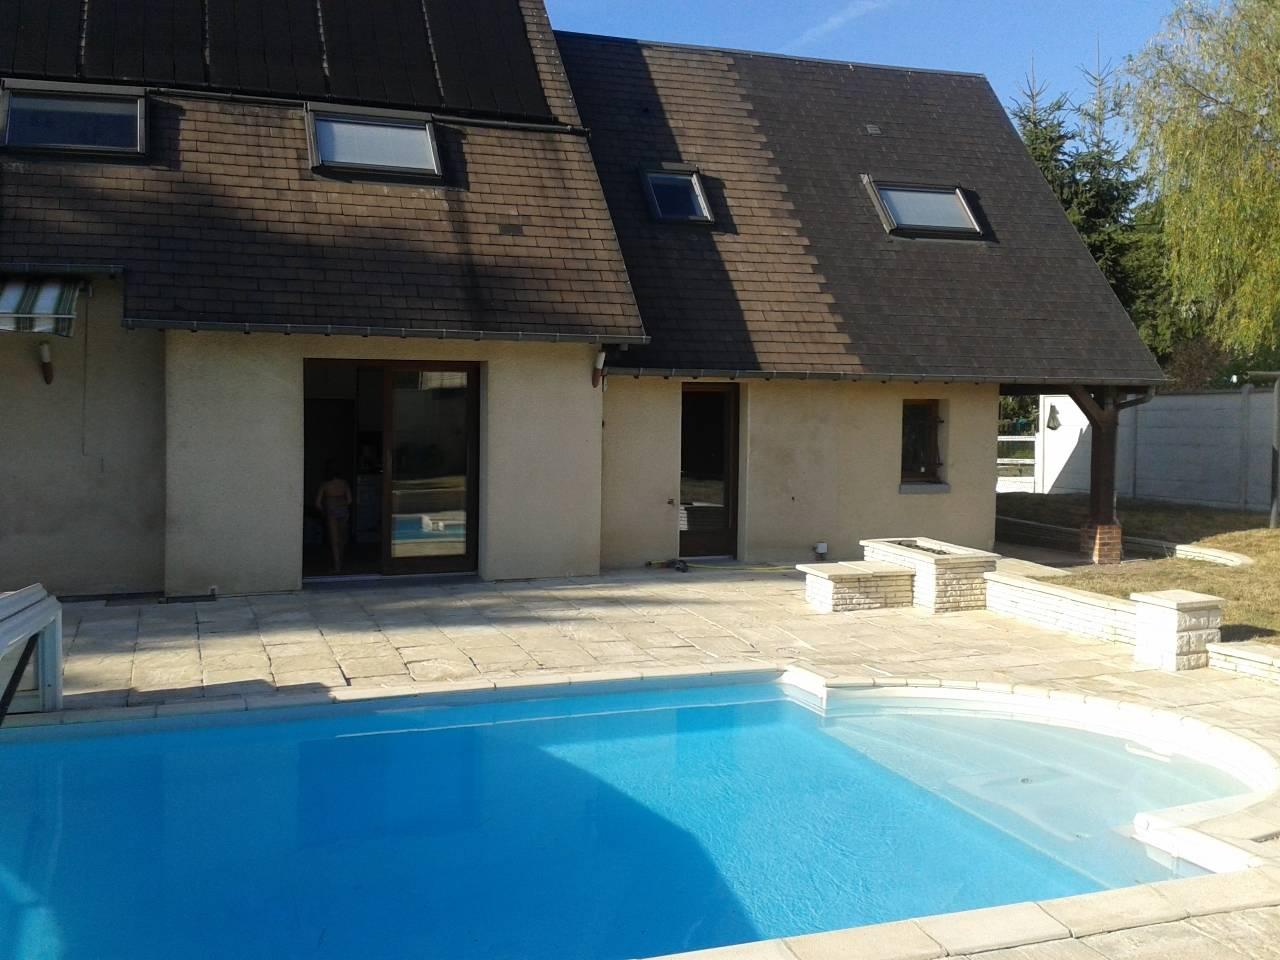 A Vendre Maison Contemporaine Axe Bernay - Le Neubourg ... dedans Piscine Le Neubourg